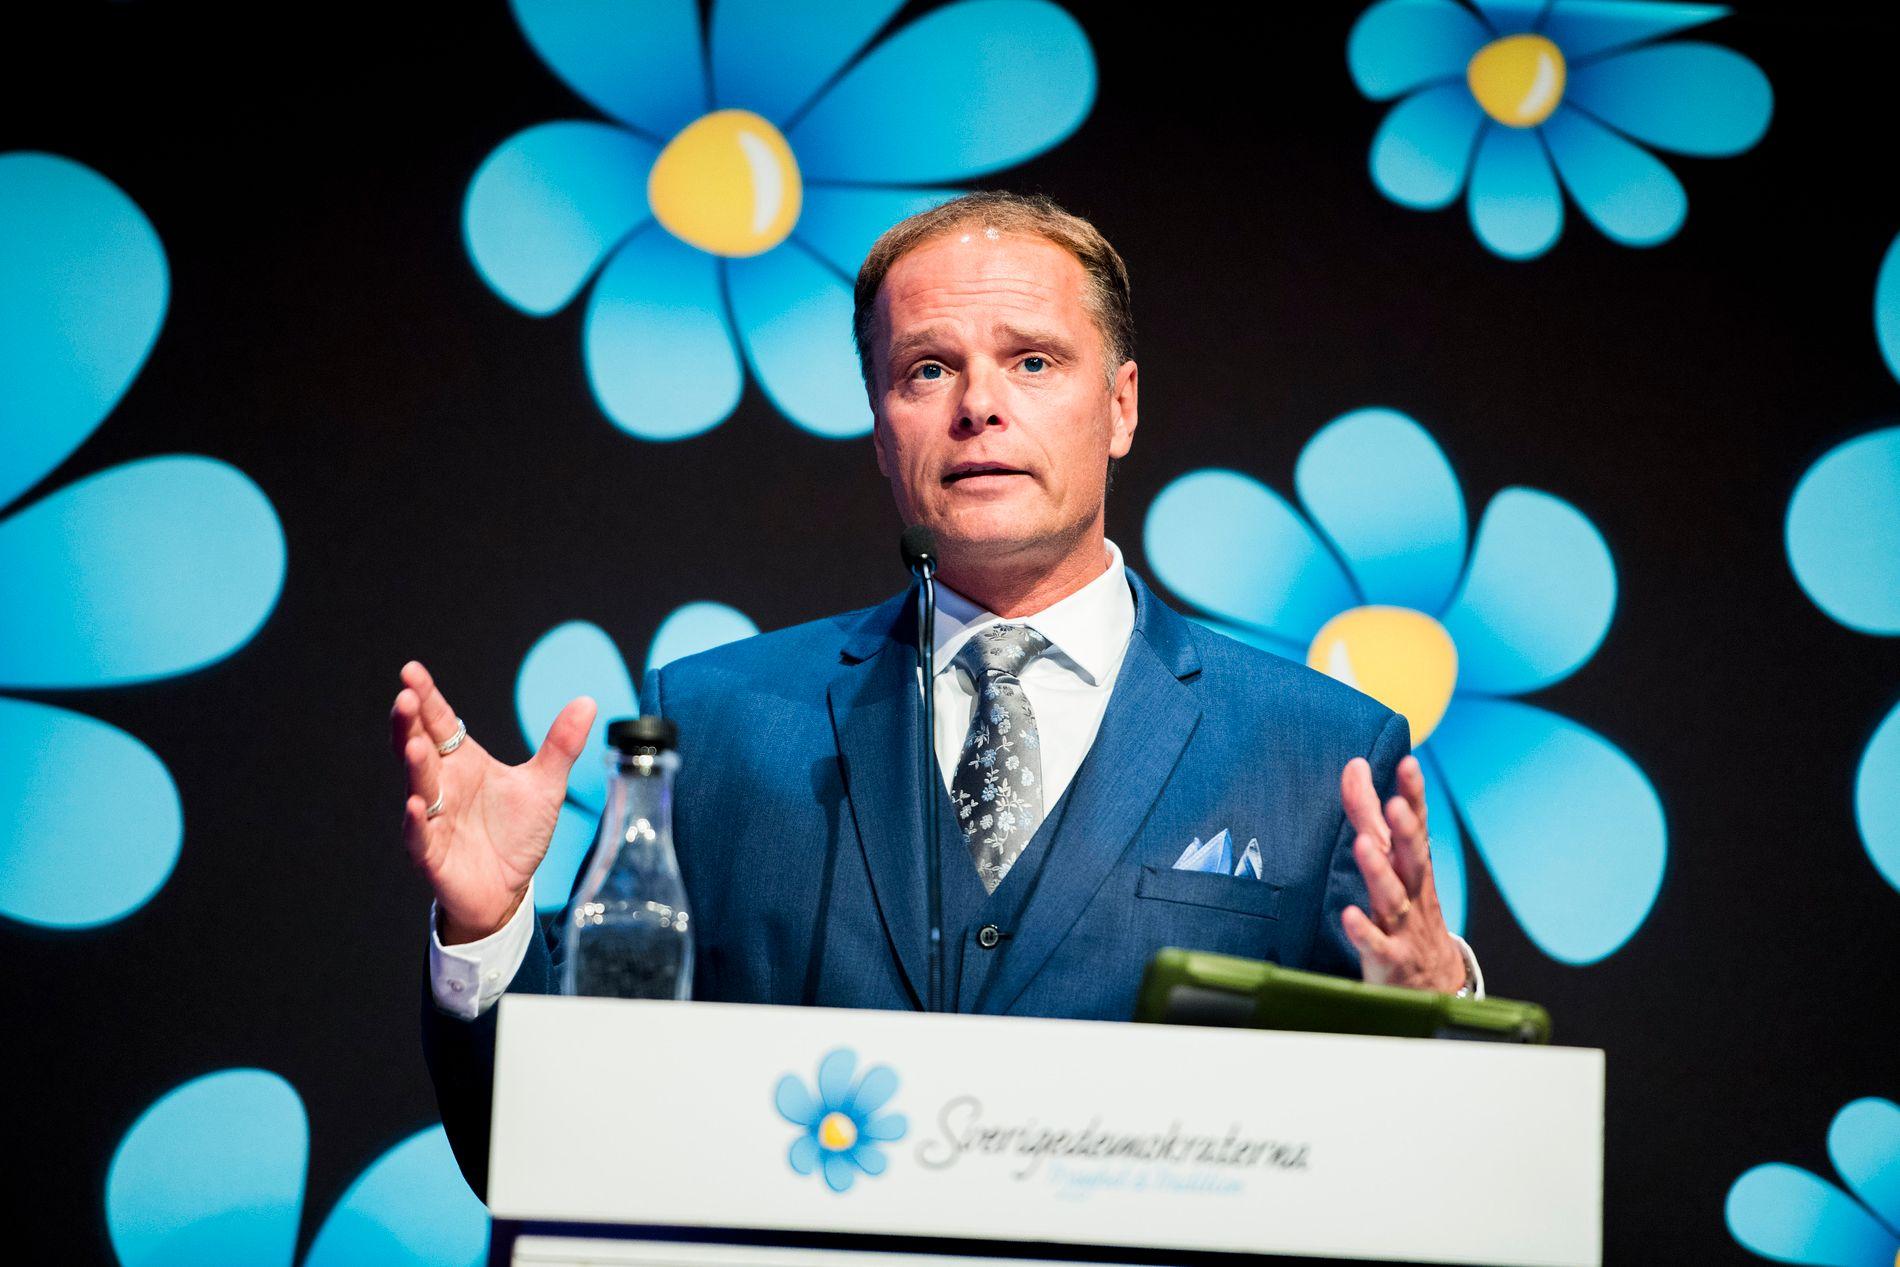 HØYE TAXIUTGIFTER: Skolepolitisk talsmann for Sverigedemokraterna har siden 2014 benyttet seg av regjeringens taxier til private formål.